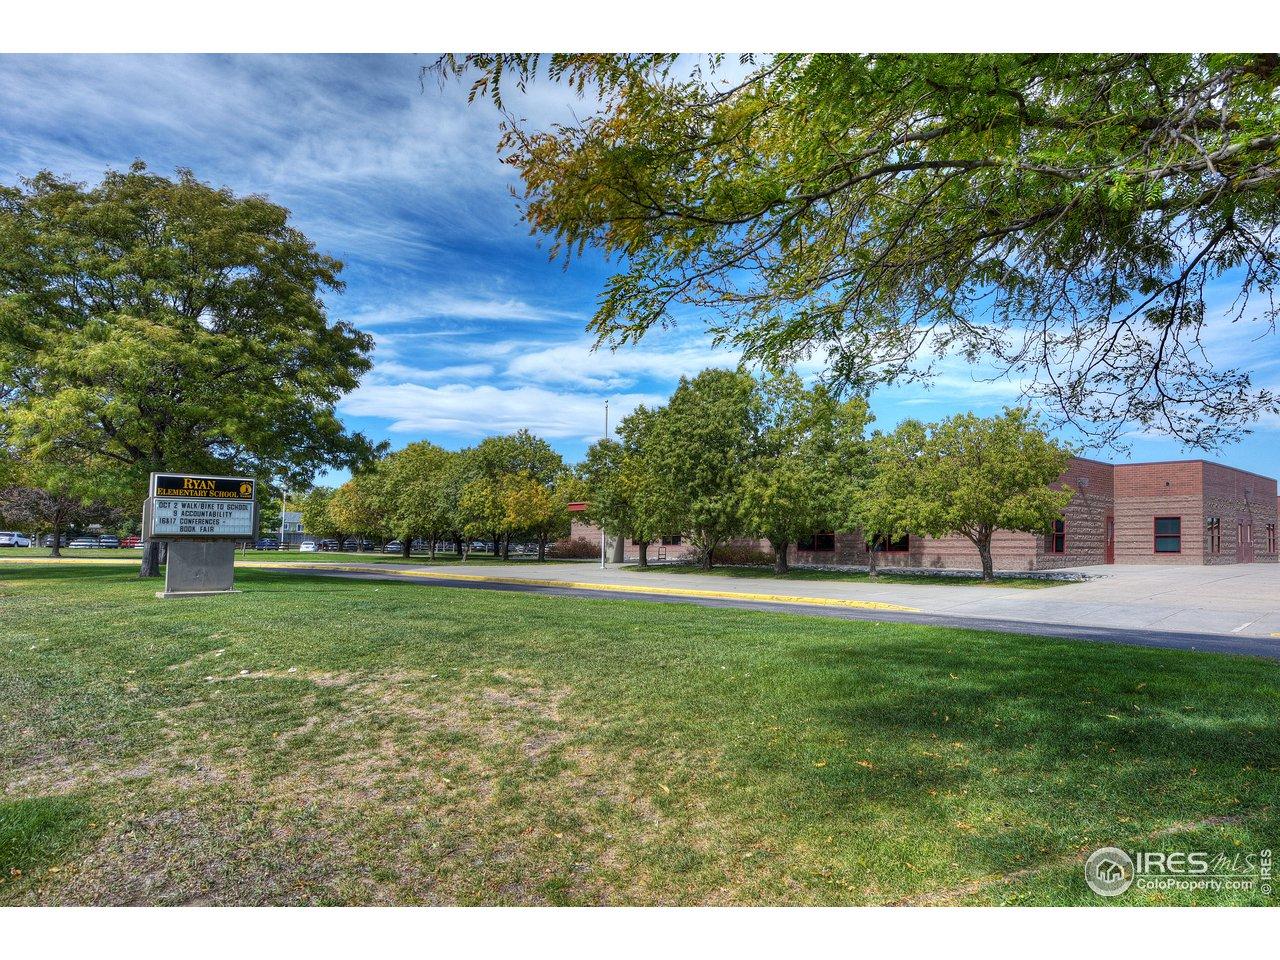 Walk to Ryan Elementary